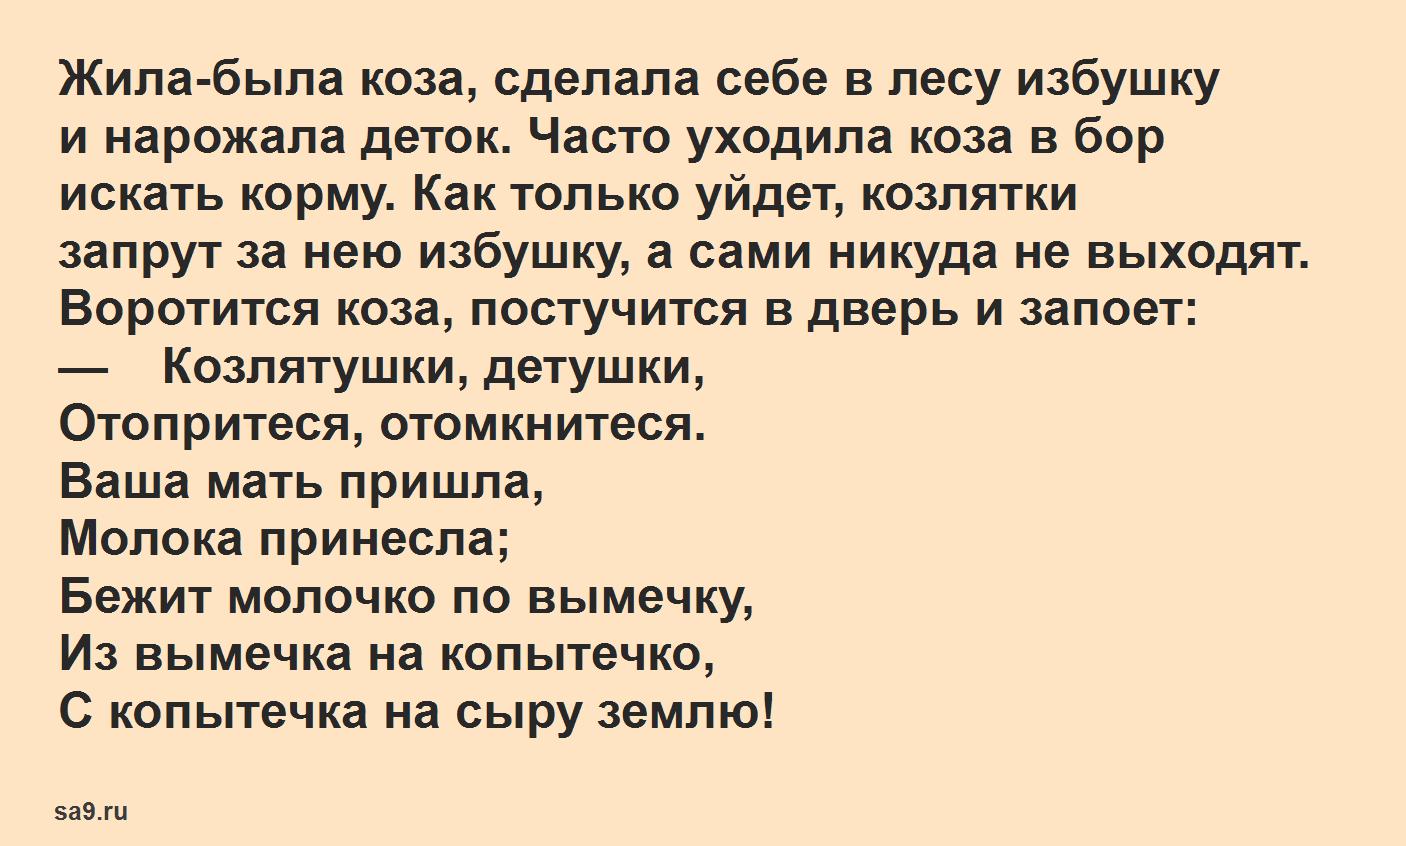 Волк и коза - русская народная сказка